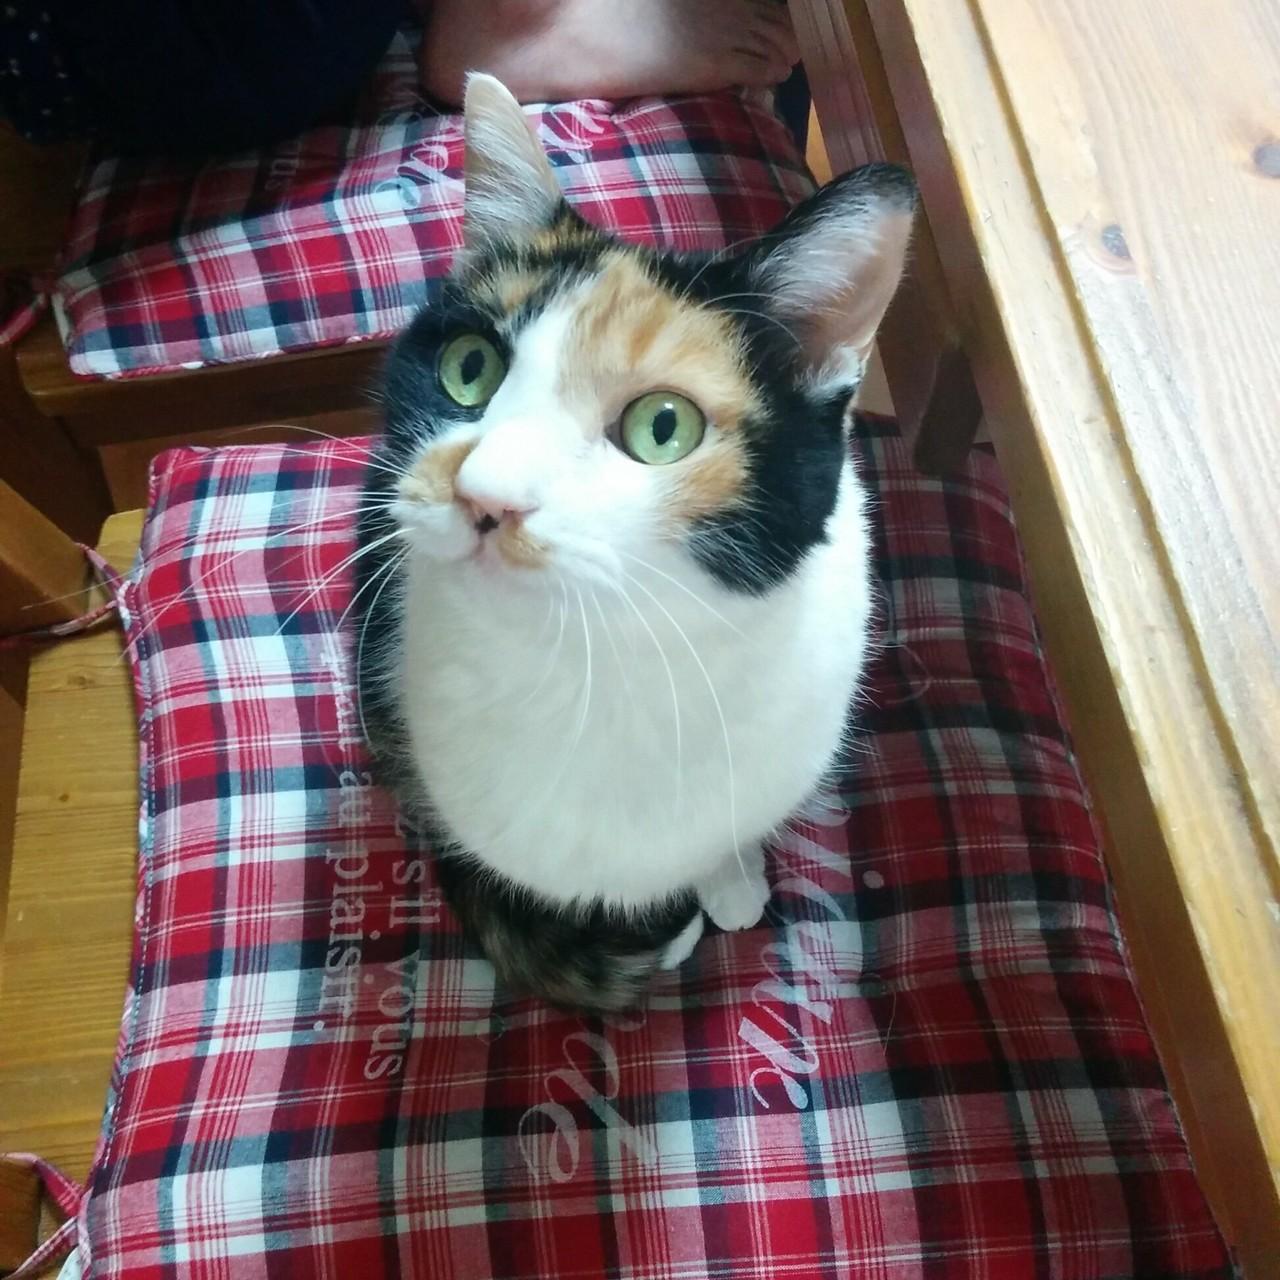 「美しすぎてけしからん三毛猫みかん」の美しすぎるショット集です、お納めください。あ、おはようございます🙋